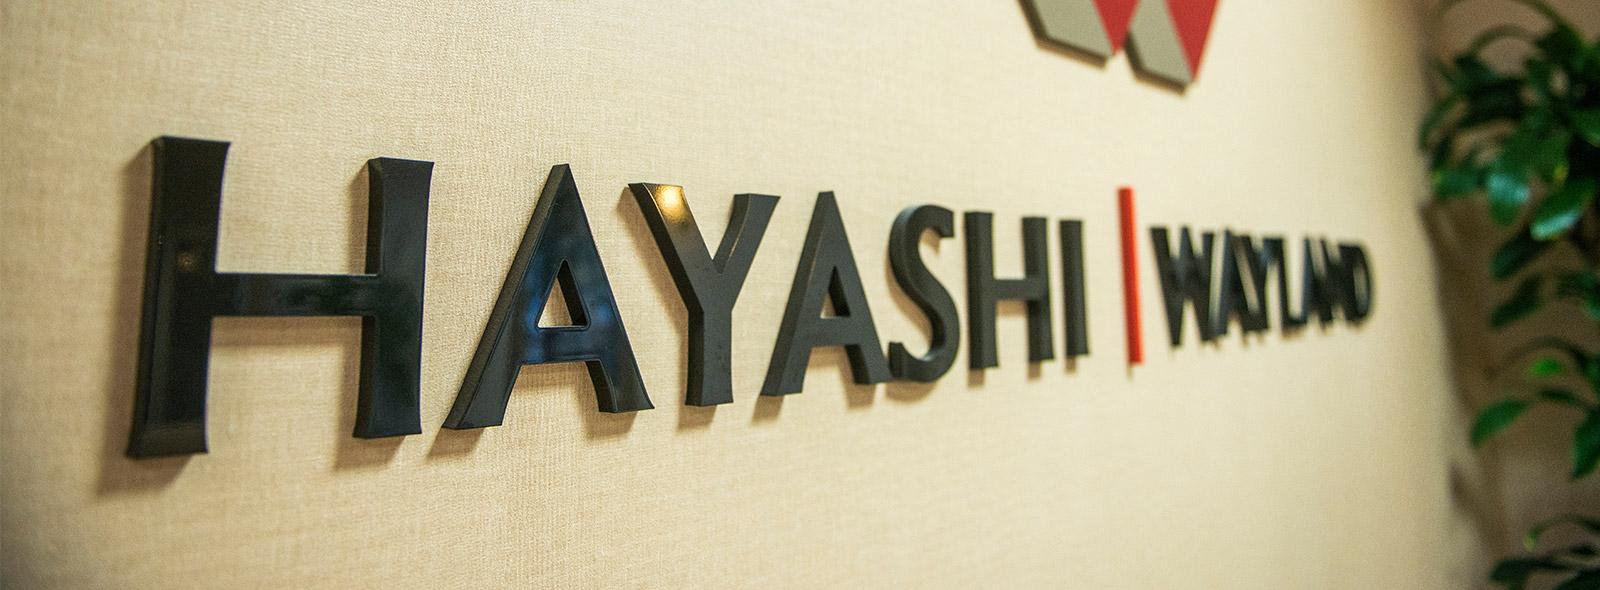 Hayashi Wayland Logo Wall Signage